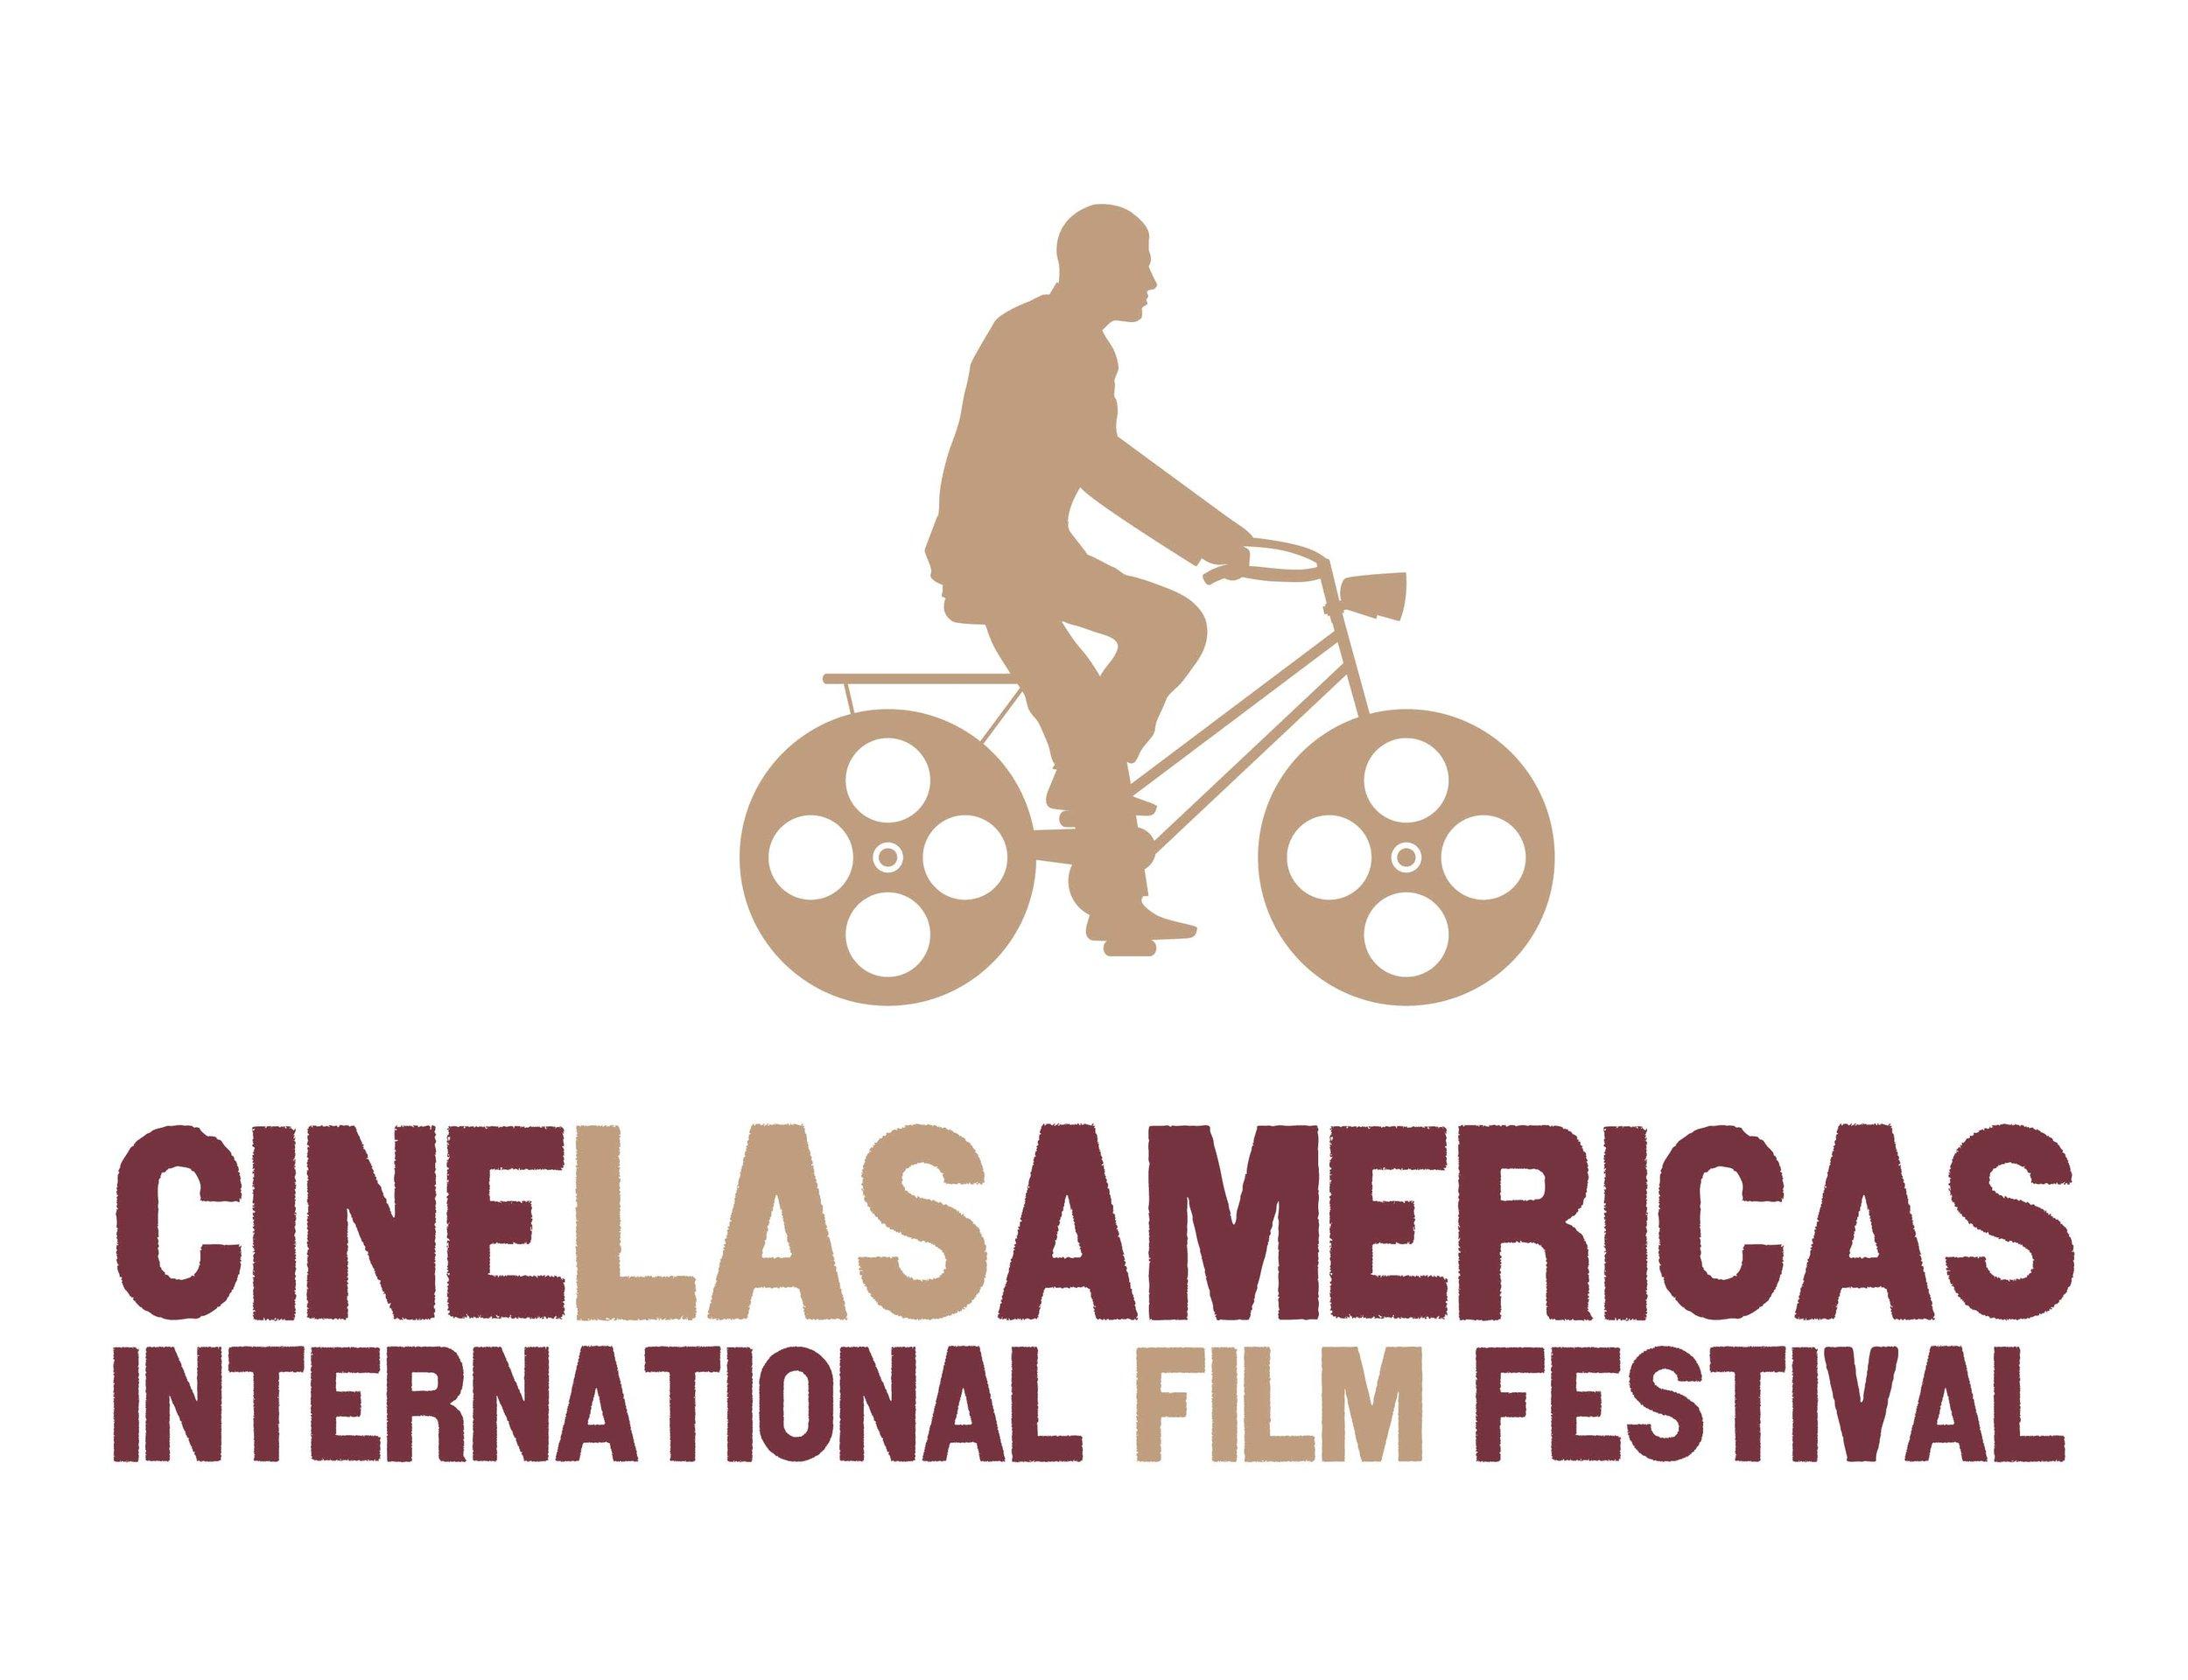 Cine Las Americas.jpg